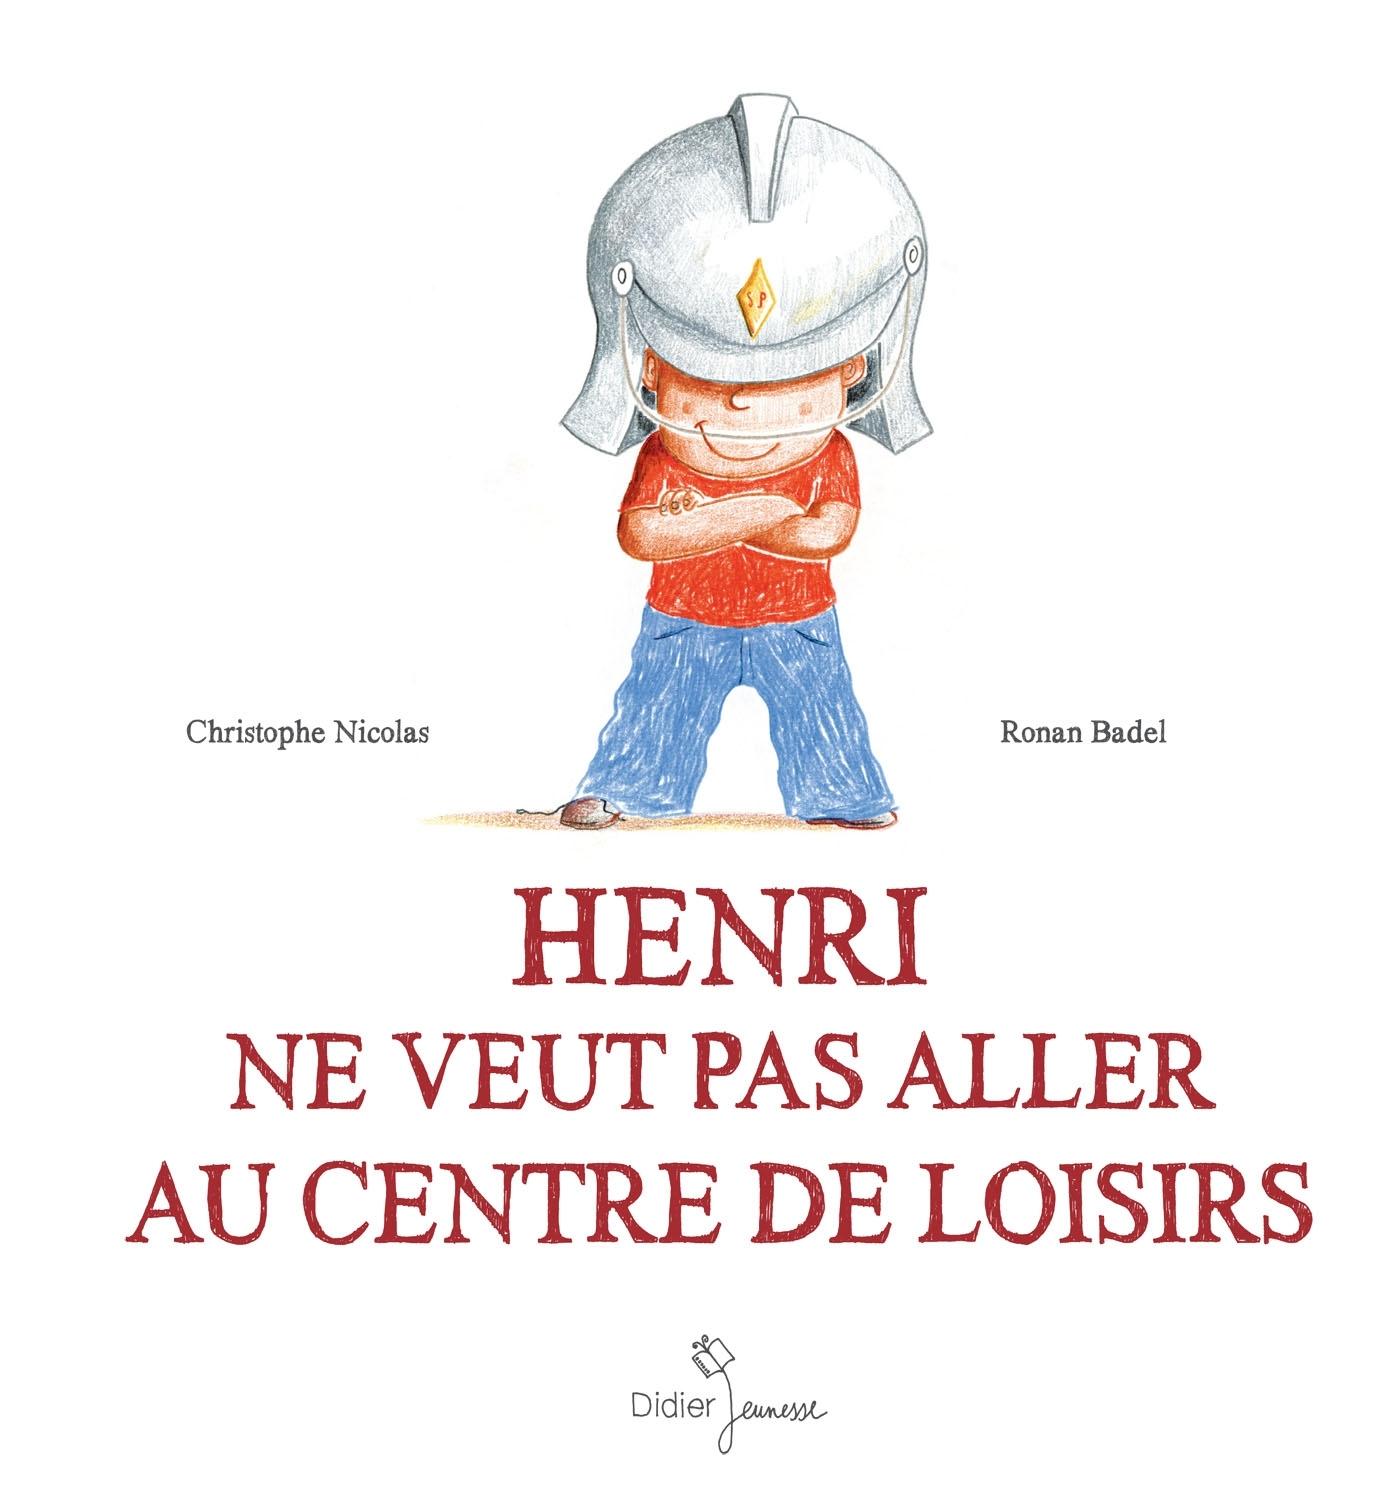 HENRI NE VEUT PAS ALLER AU CENTRE DE LOISIRS